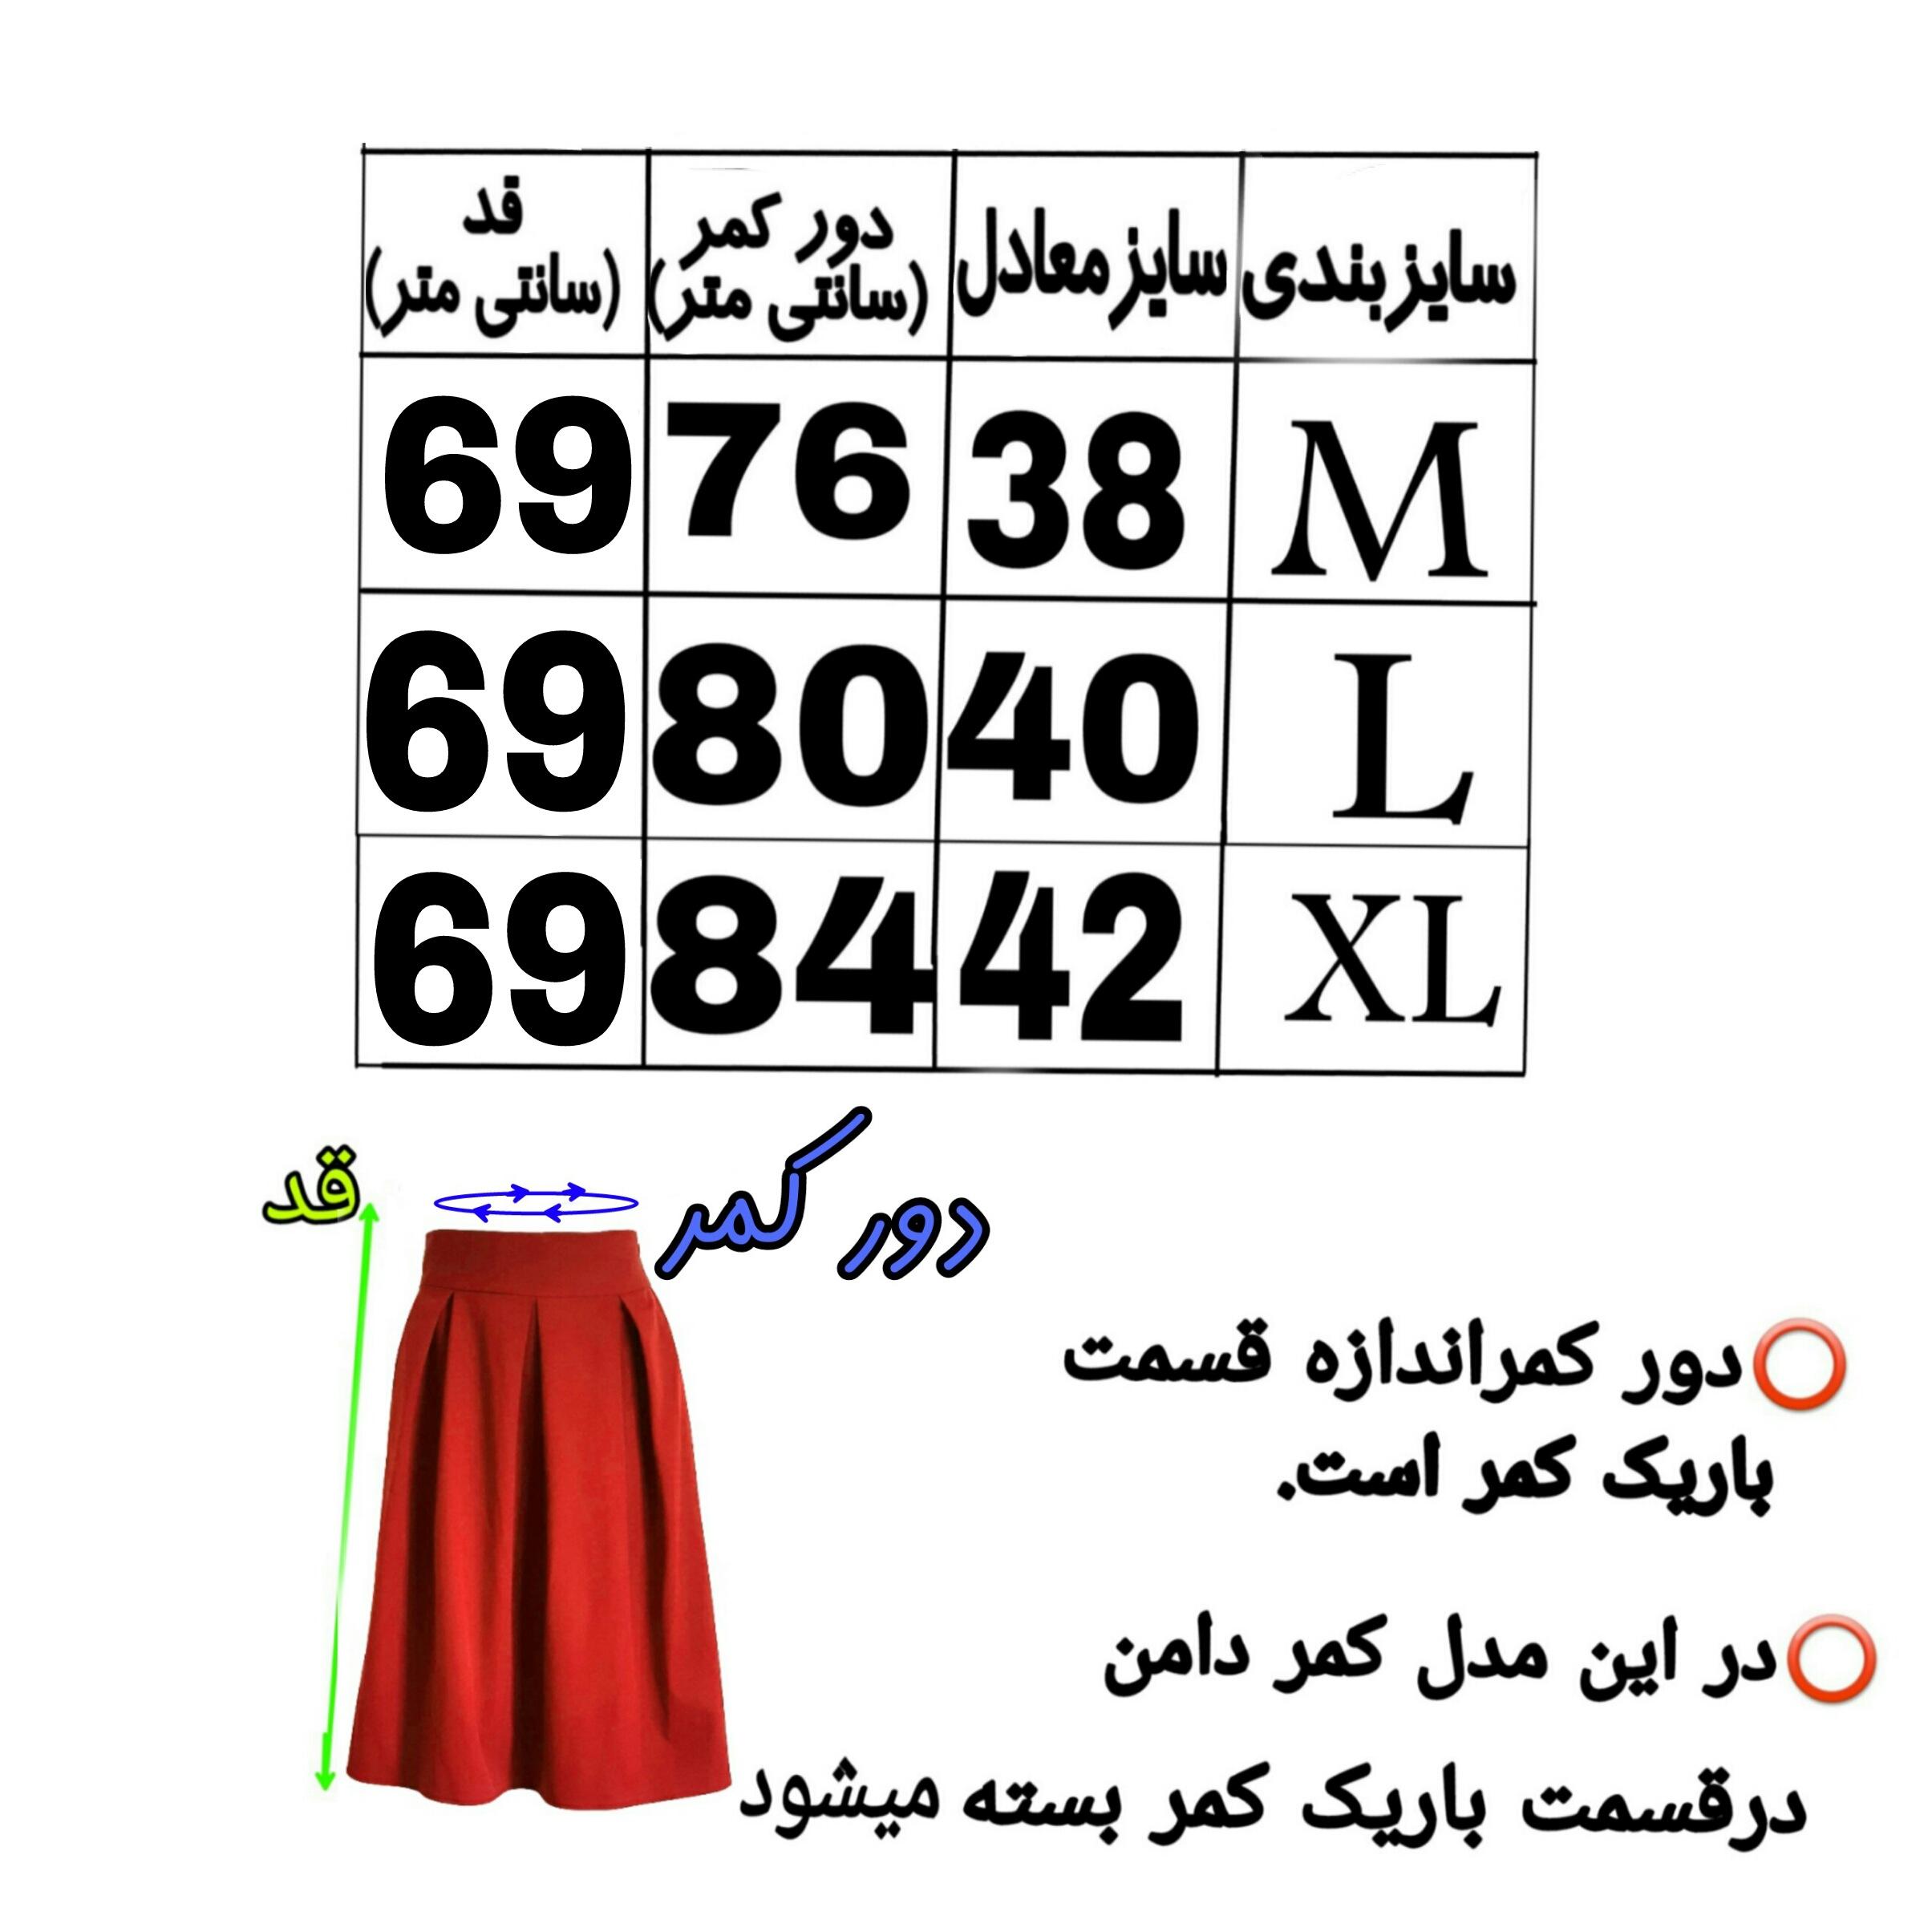 دامن زنانه کد 544